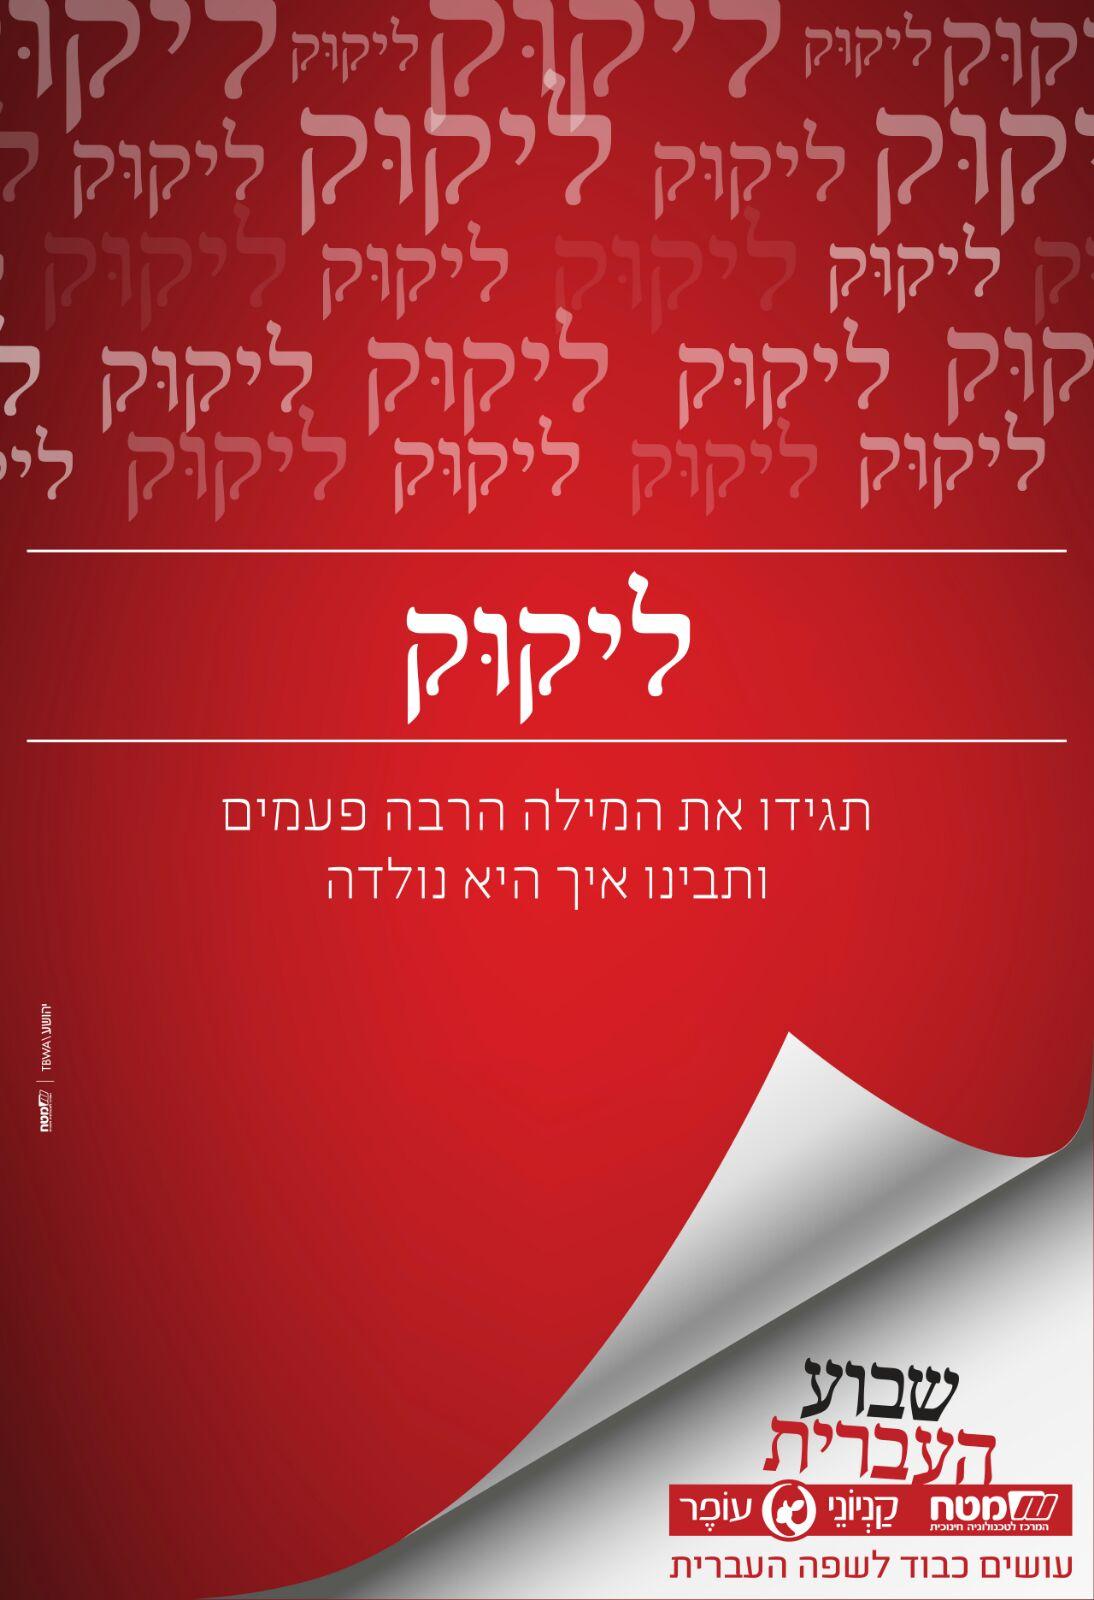 מסע פרסומי המציג את הצדדים המשעשעים של השפה העברית 9